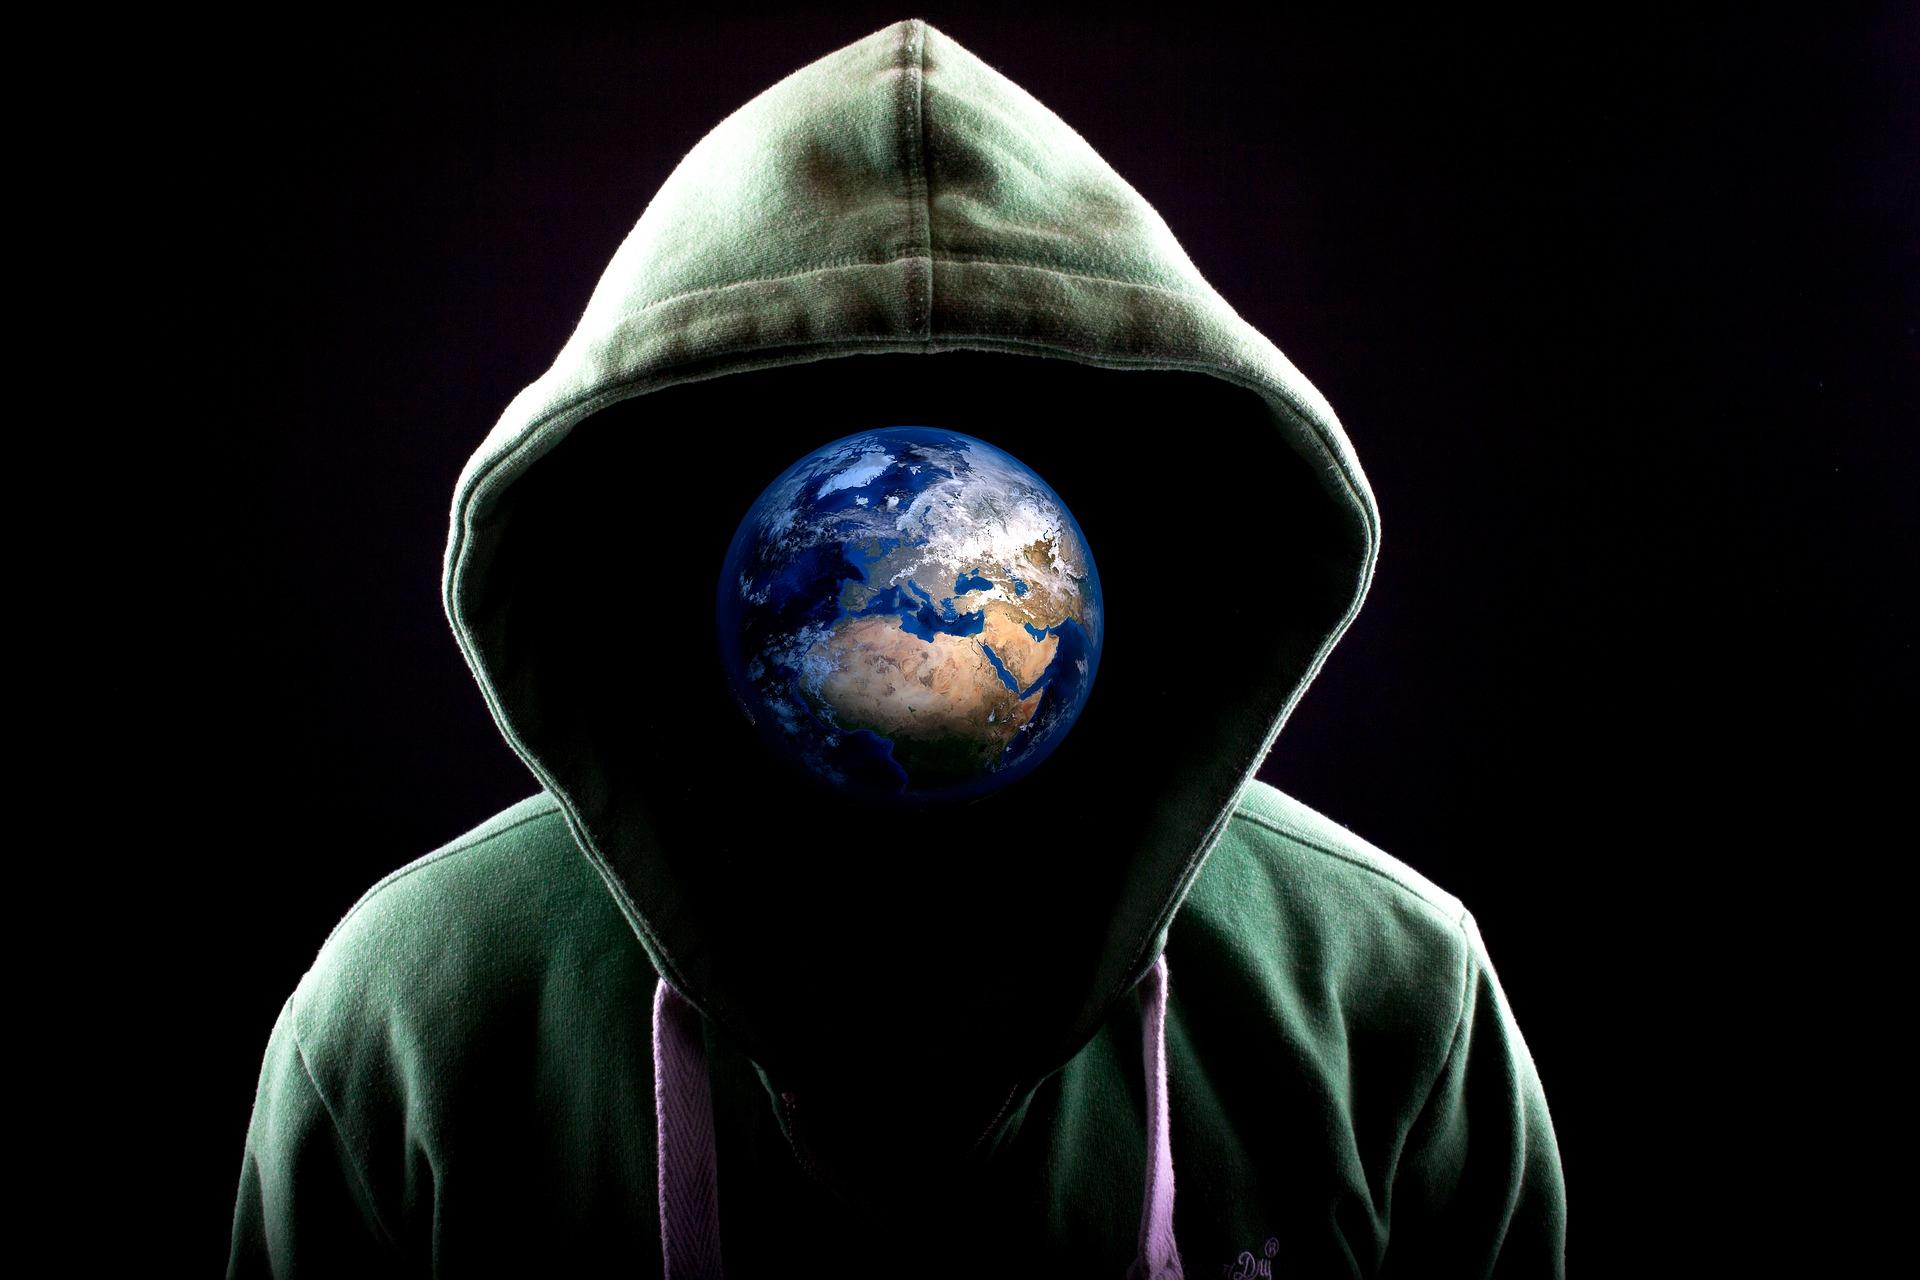 mondo_persona_sostenibile